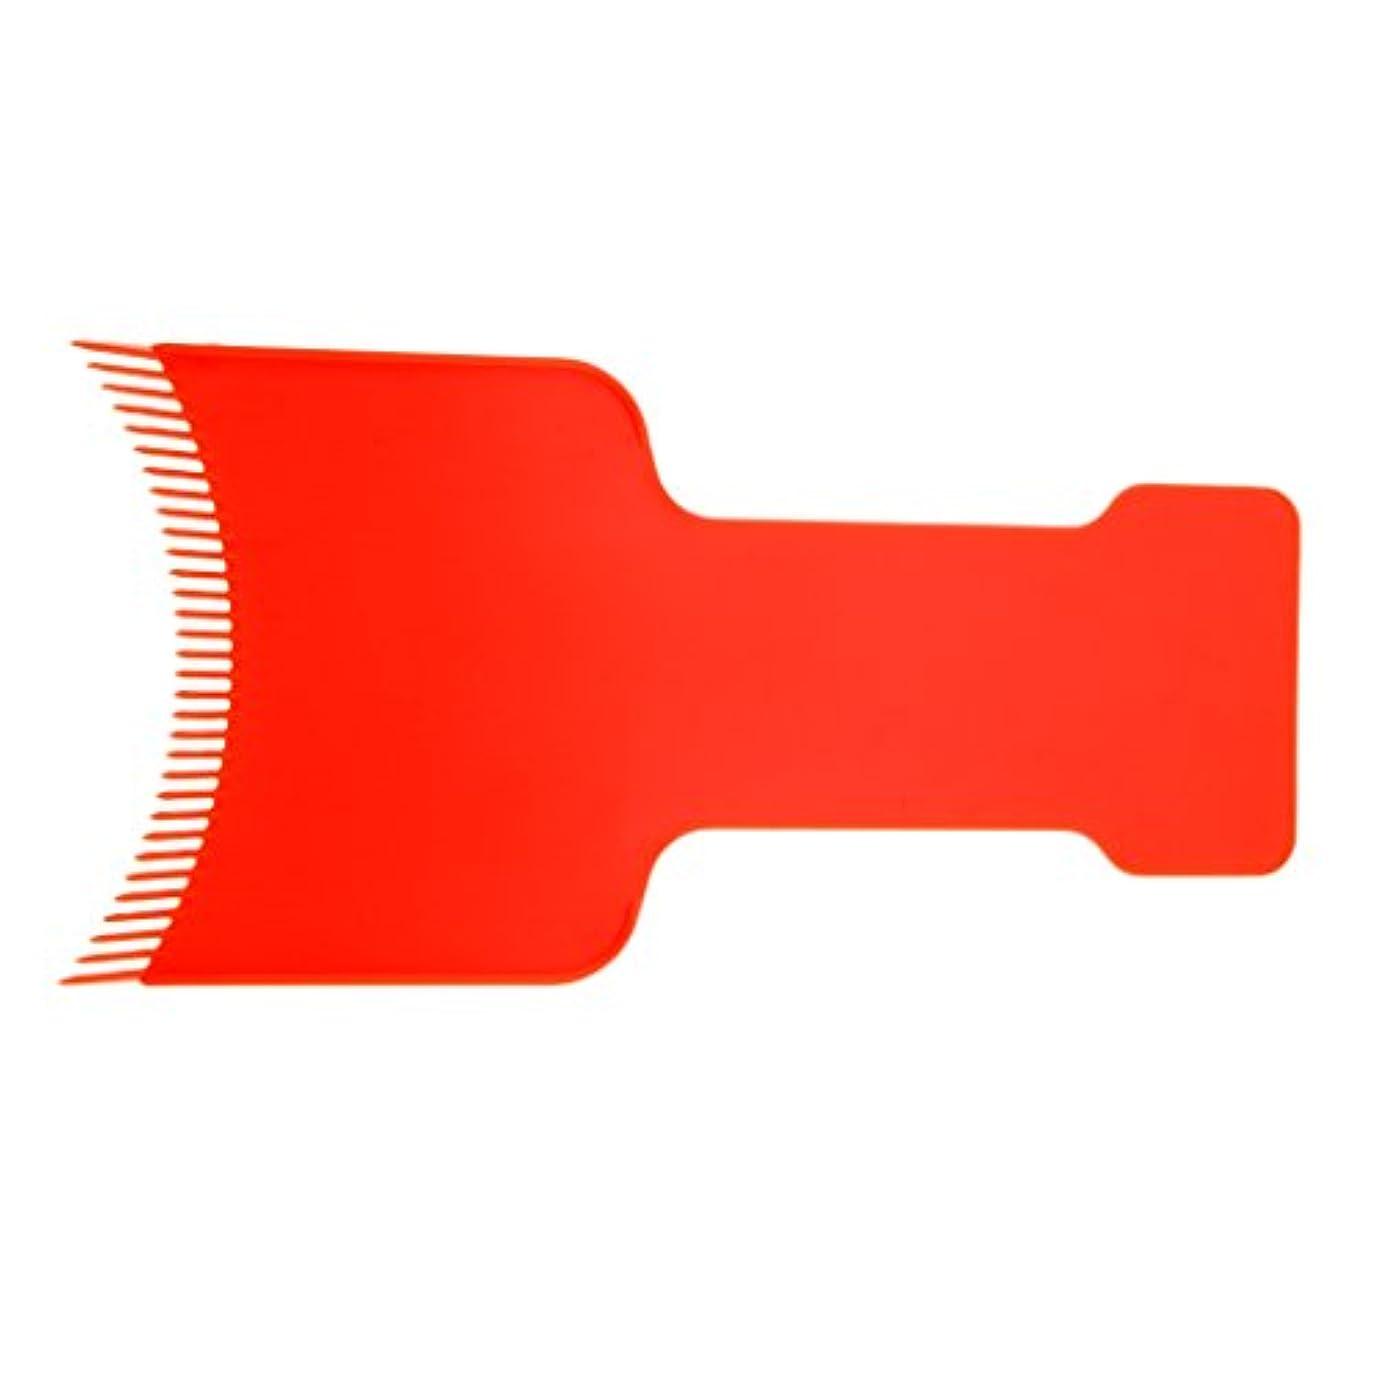 ブレース現代知らせるToygogo サロンヘアカラーボード|染毛剤プレート|理髪理髪ヘアカラーボード19x9.5 Cm